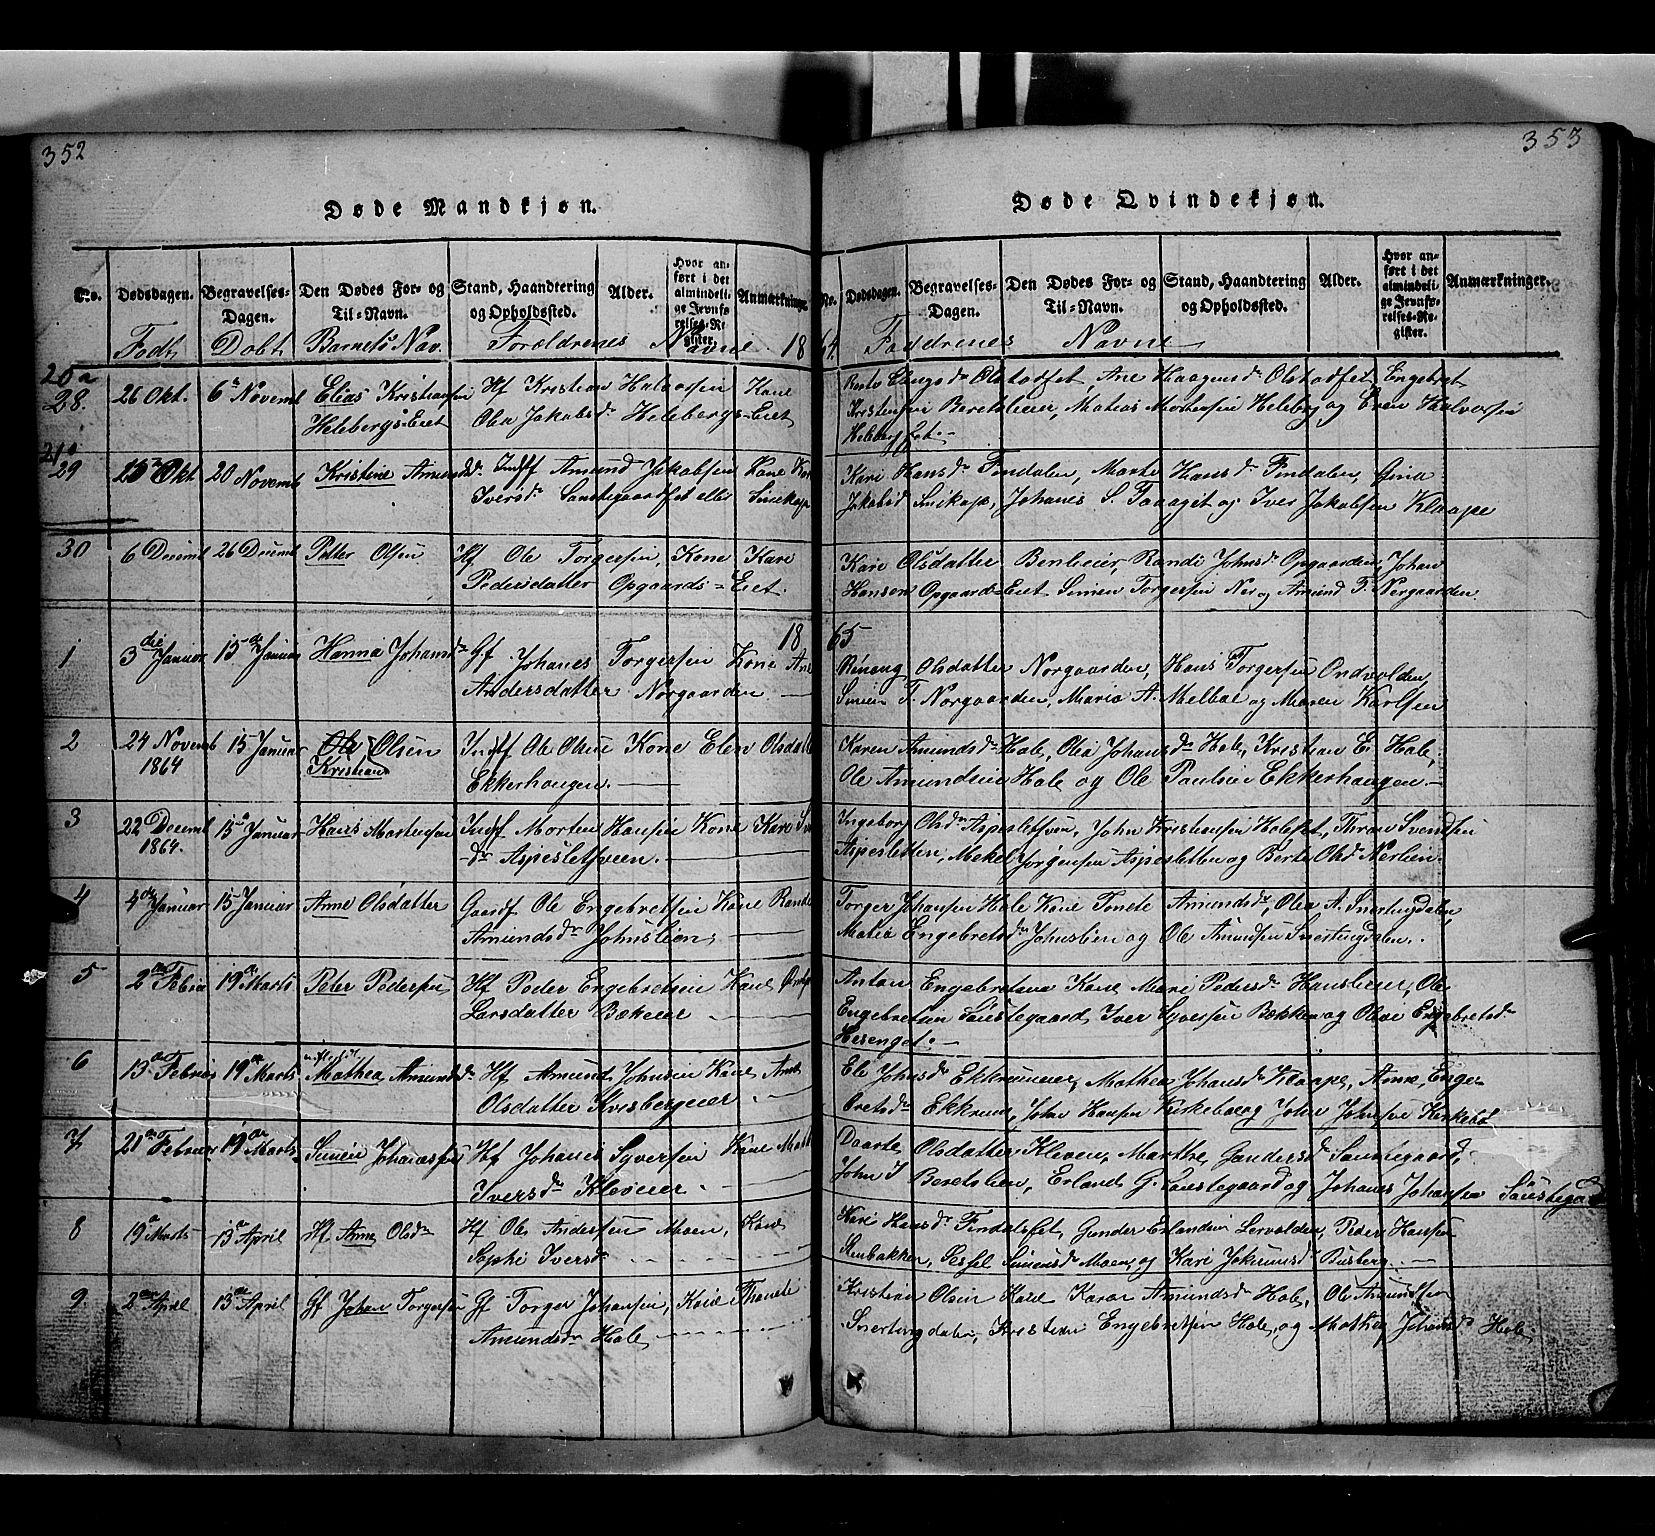 SAH, Gausdal prestekontor, Klokkerbok nr. 2, 1818-1874, s. 352-353